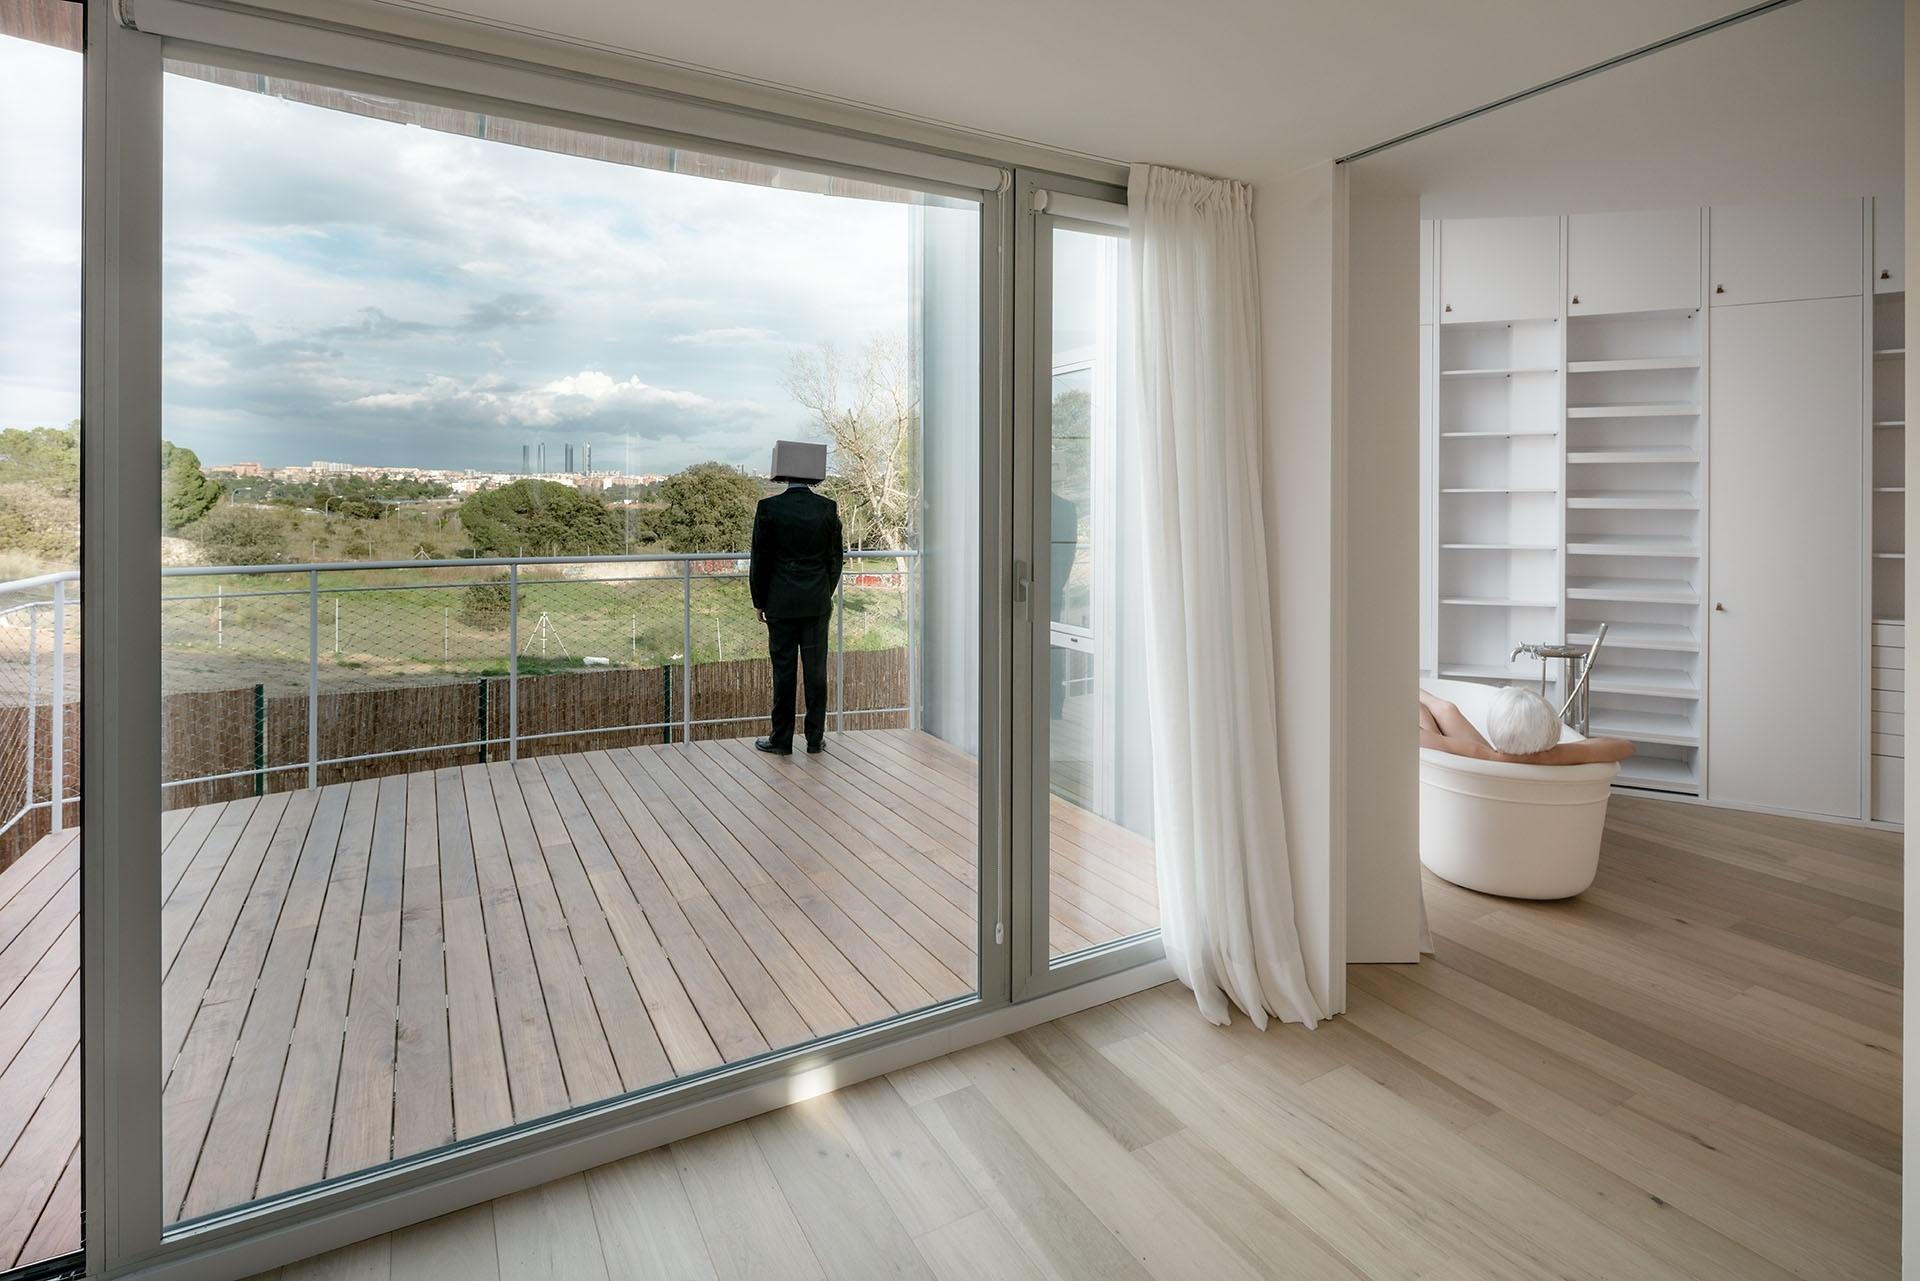 Na área para banhos de imersão, as paredes revestidas de armários são interrompidas e dão lugar a grandes esquadrias (janelas verticais e portas de correr), que se abrem para um terraço-deck. A ideia é aproveitar ao máximo a paisagem de formações arbustivas de pequeno porte e gramíneas de Madri, na Espanha. A casa Tobogan é assinada pelo escritório Z4Z4 Architects